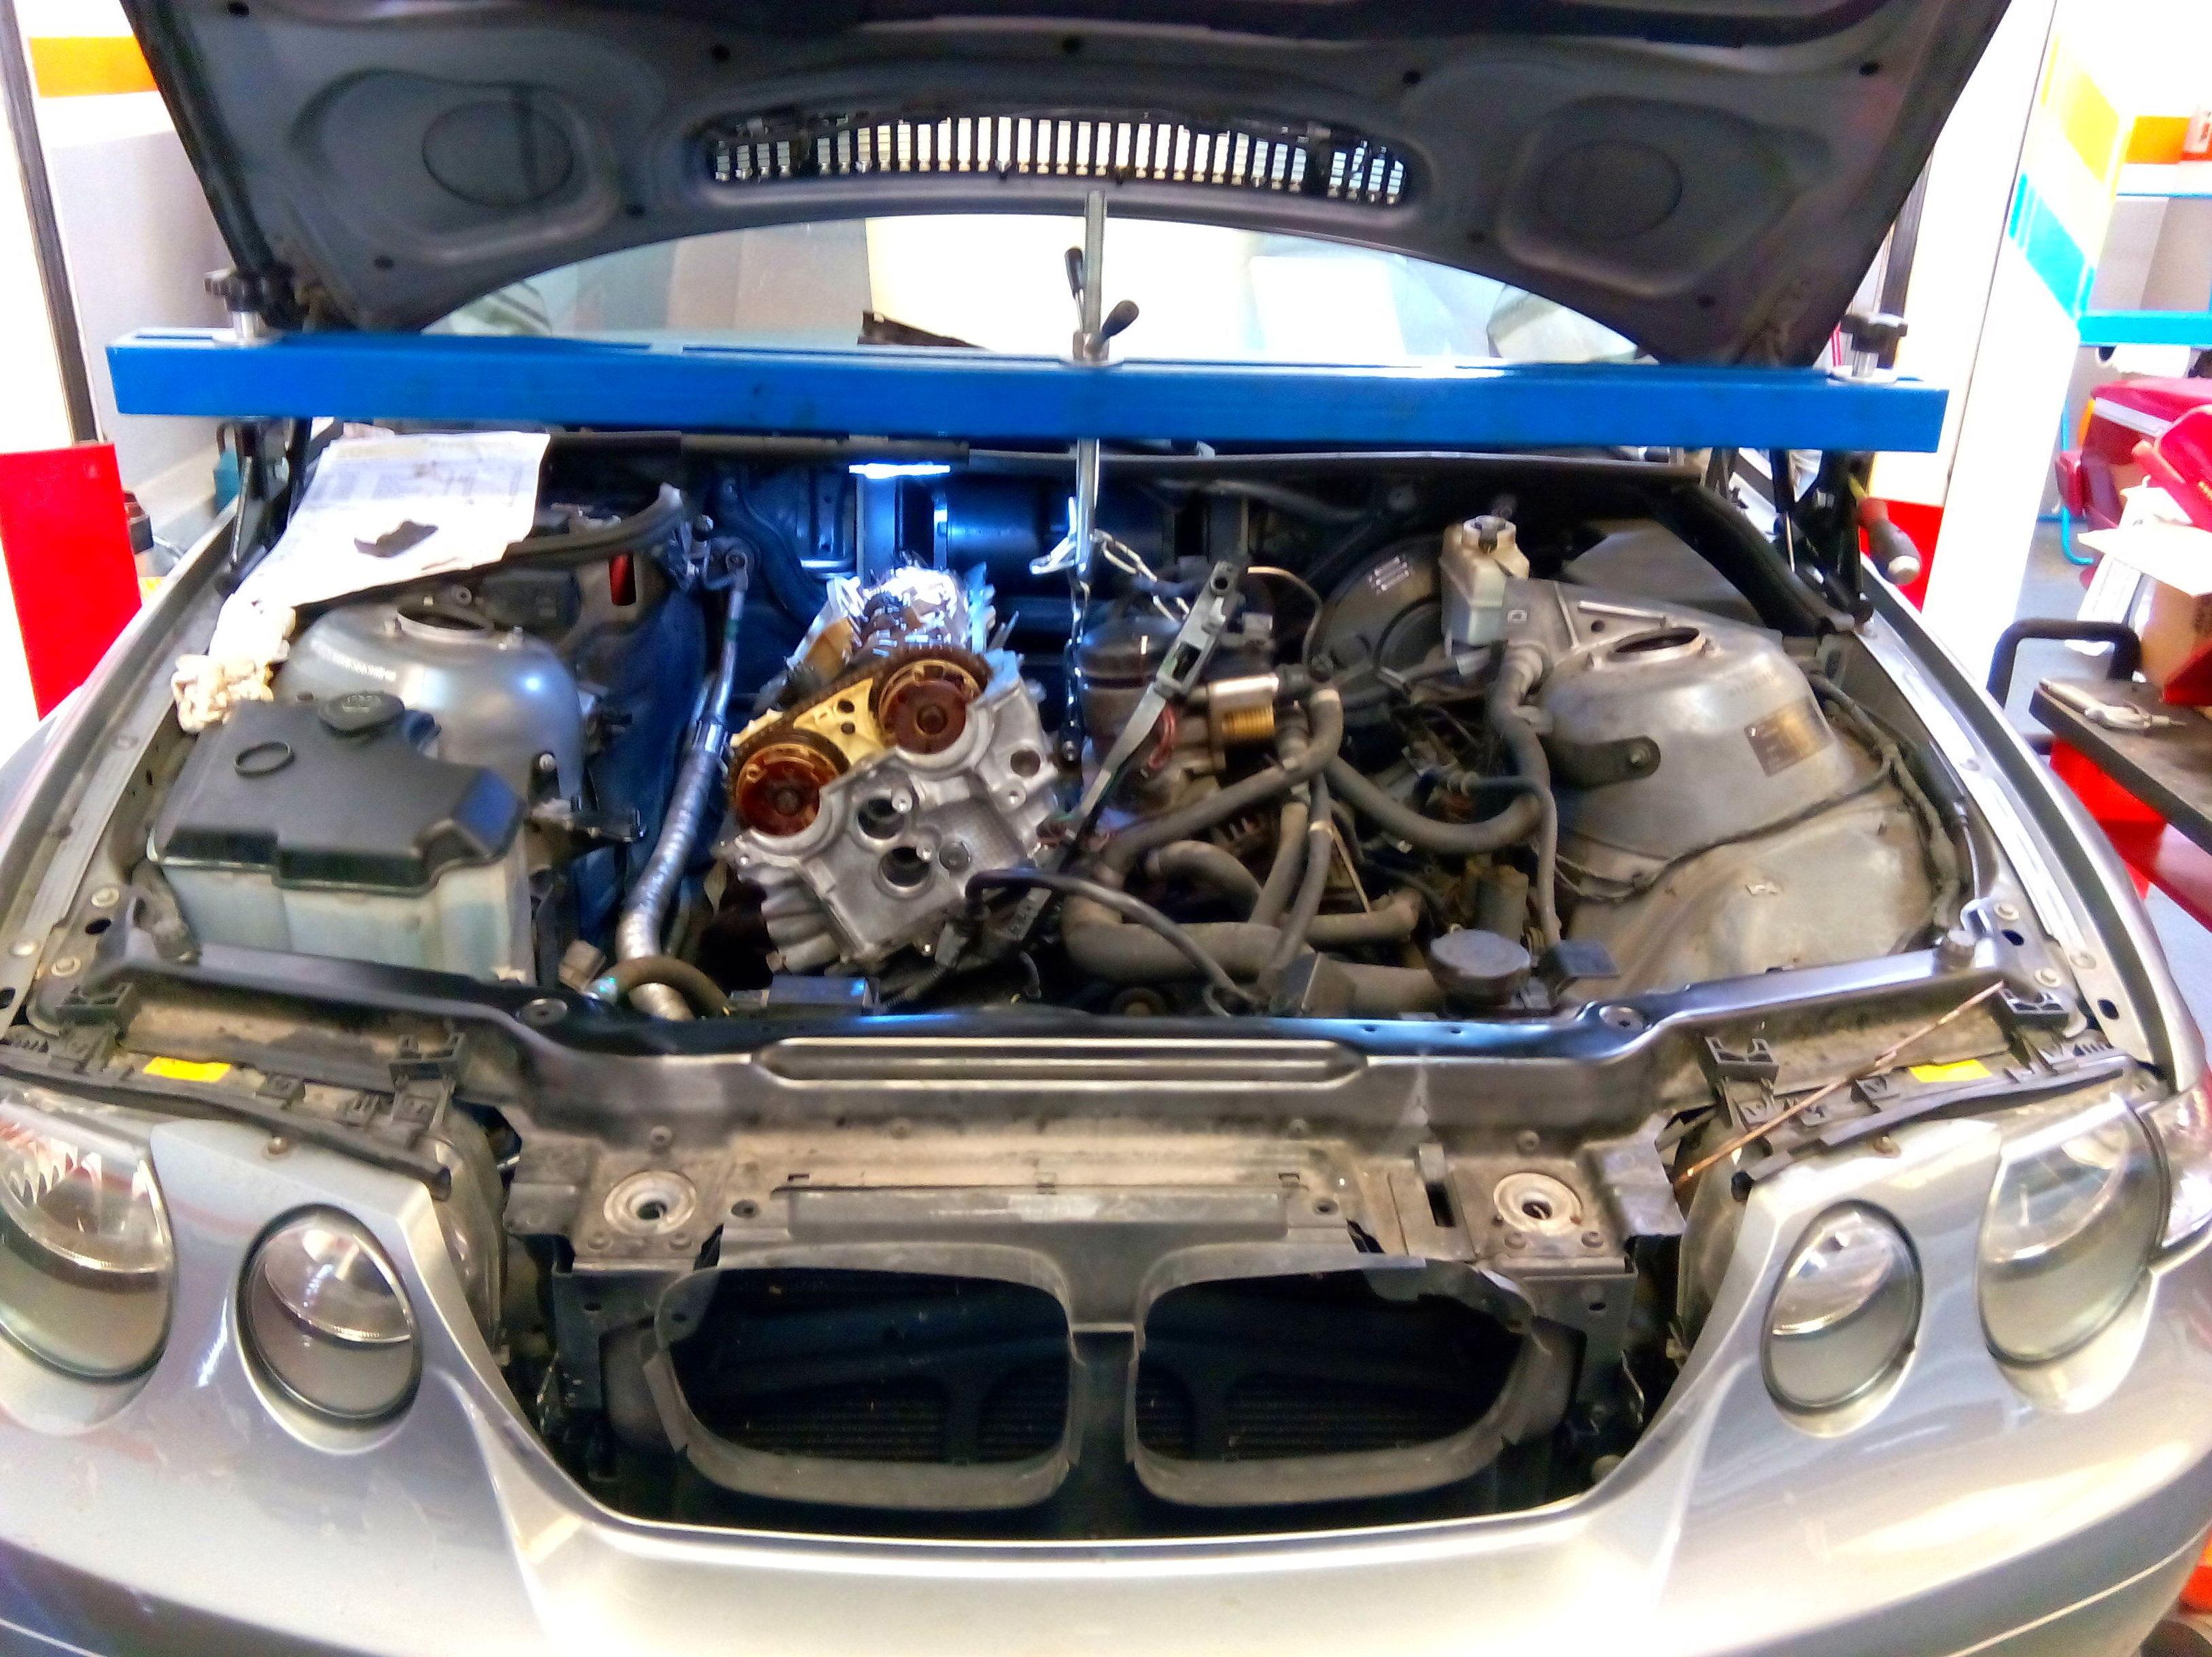 Reparacion culata BMW 316ti, Utillajes especificos